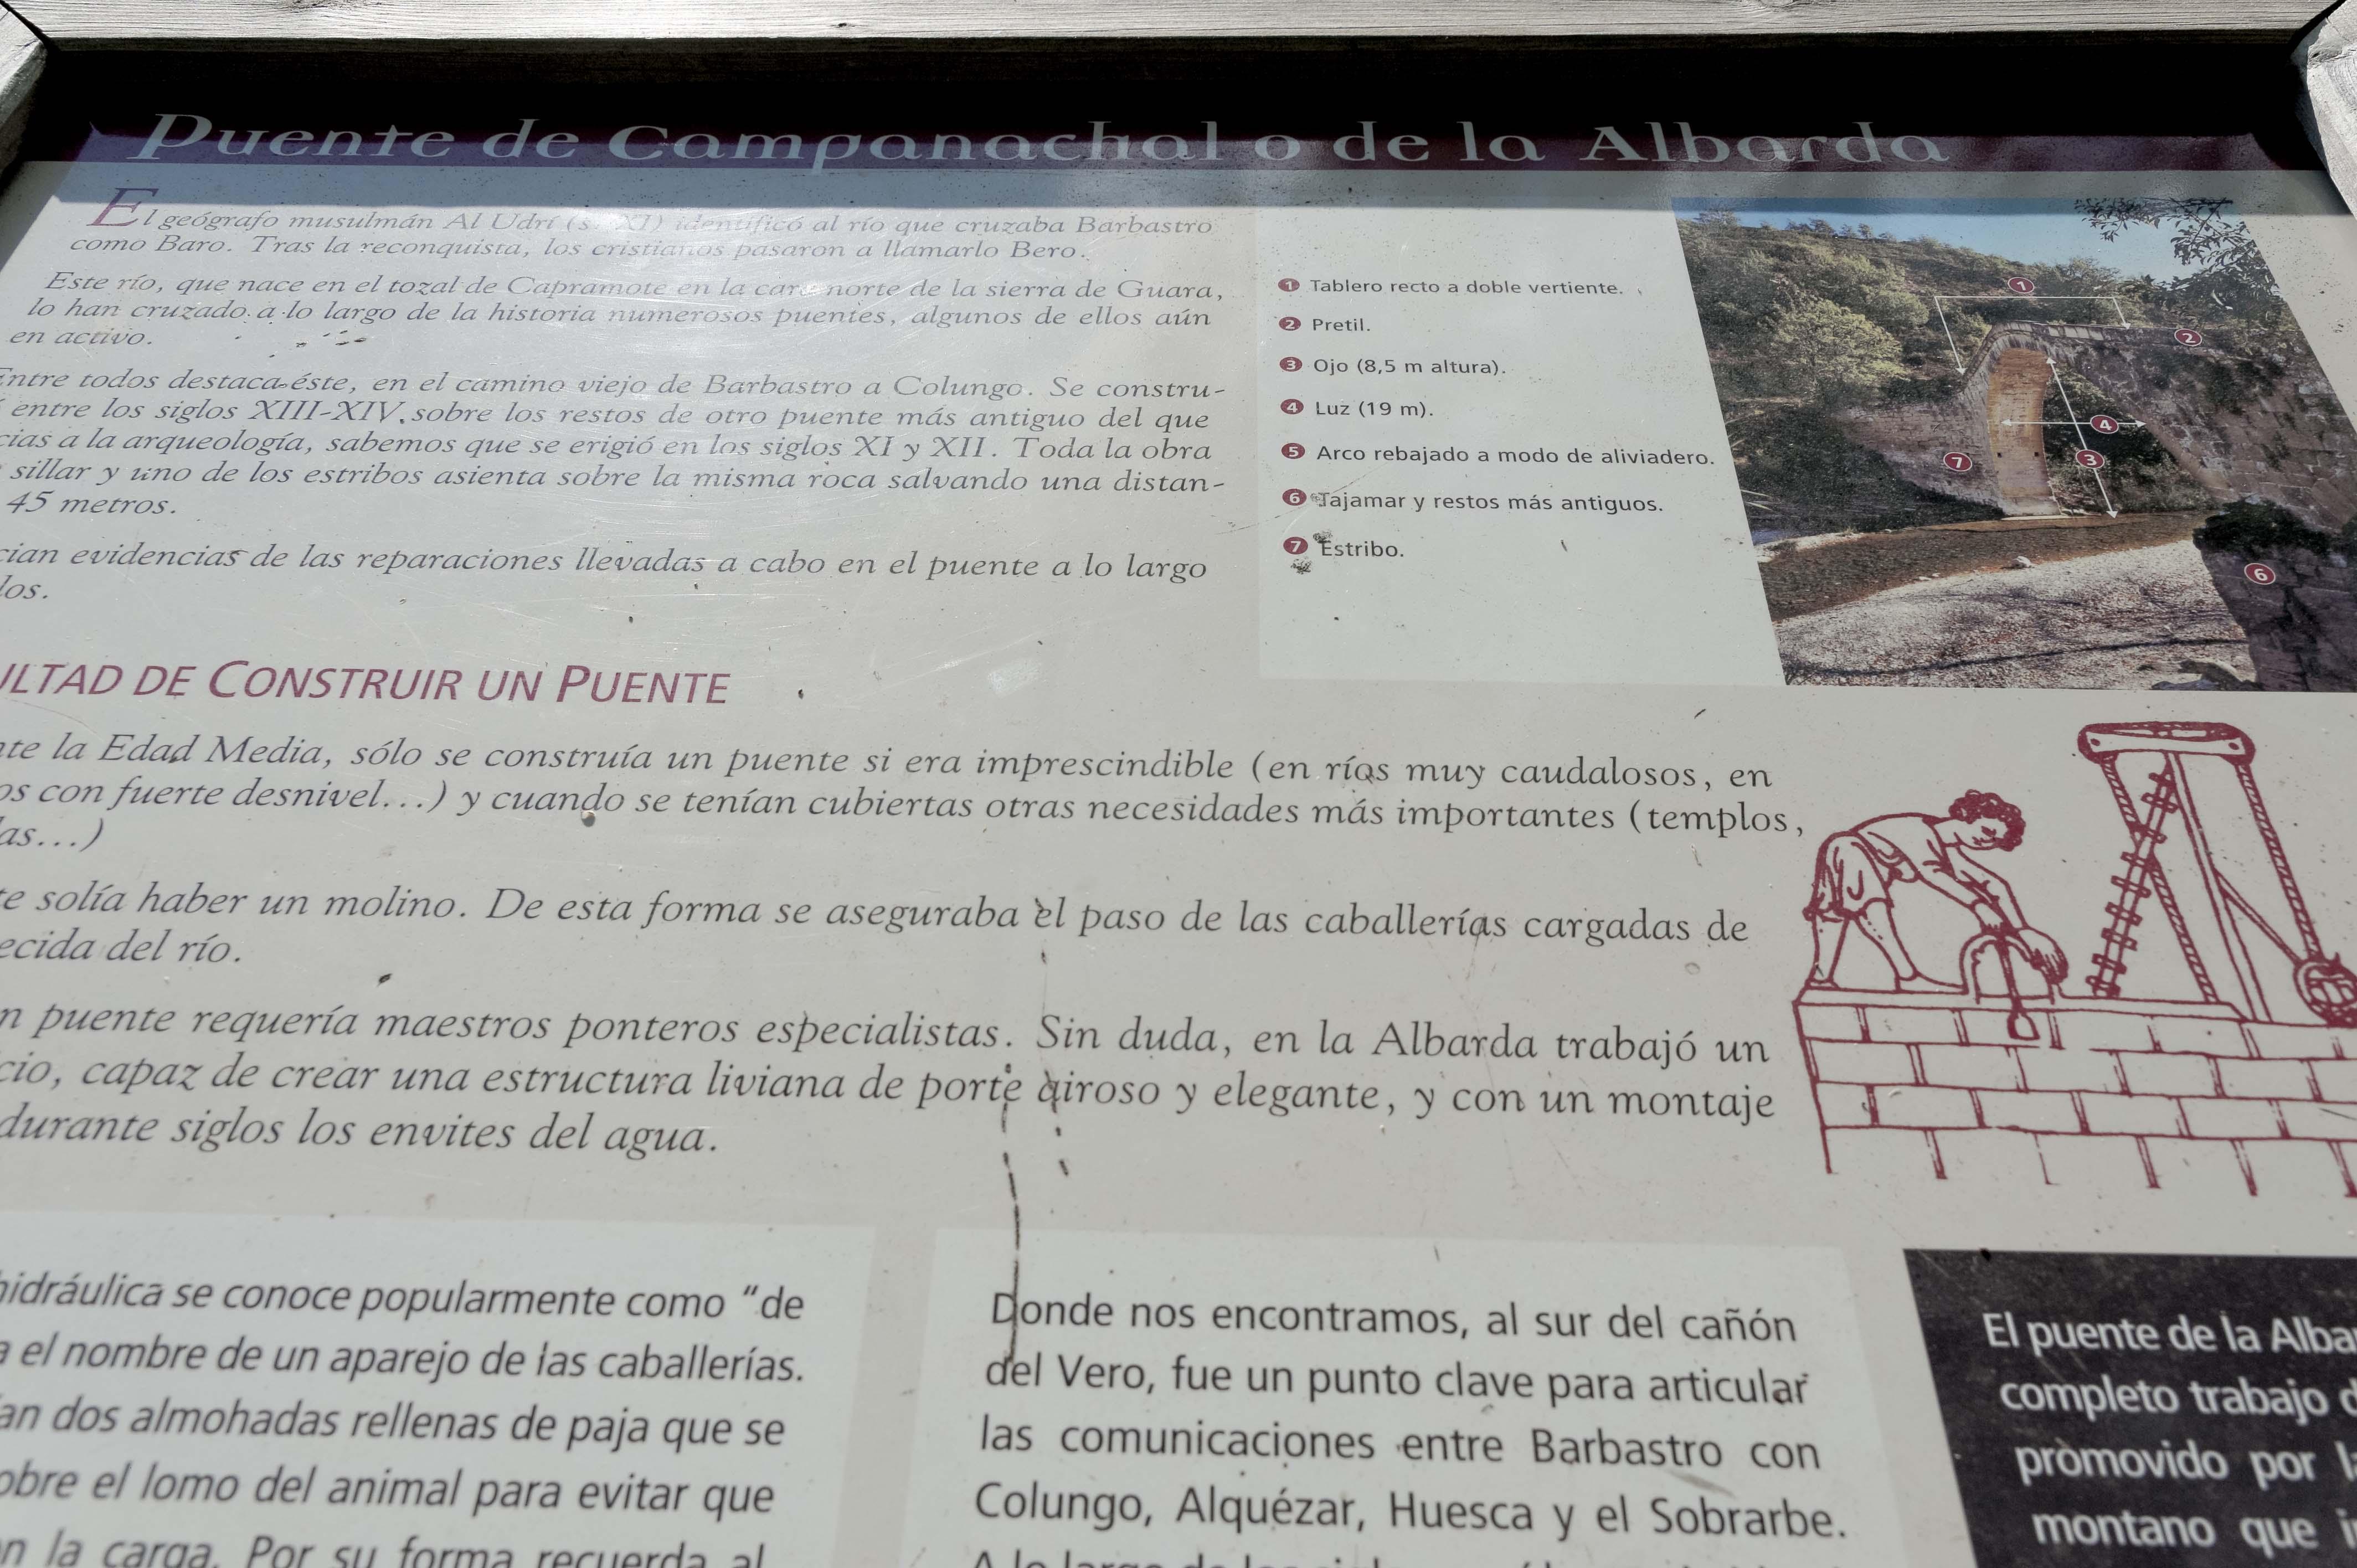 6934_Puente de Campanachal ou de la Albarda (Somontano)